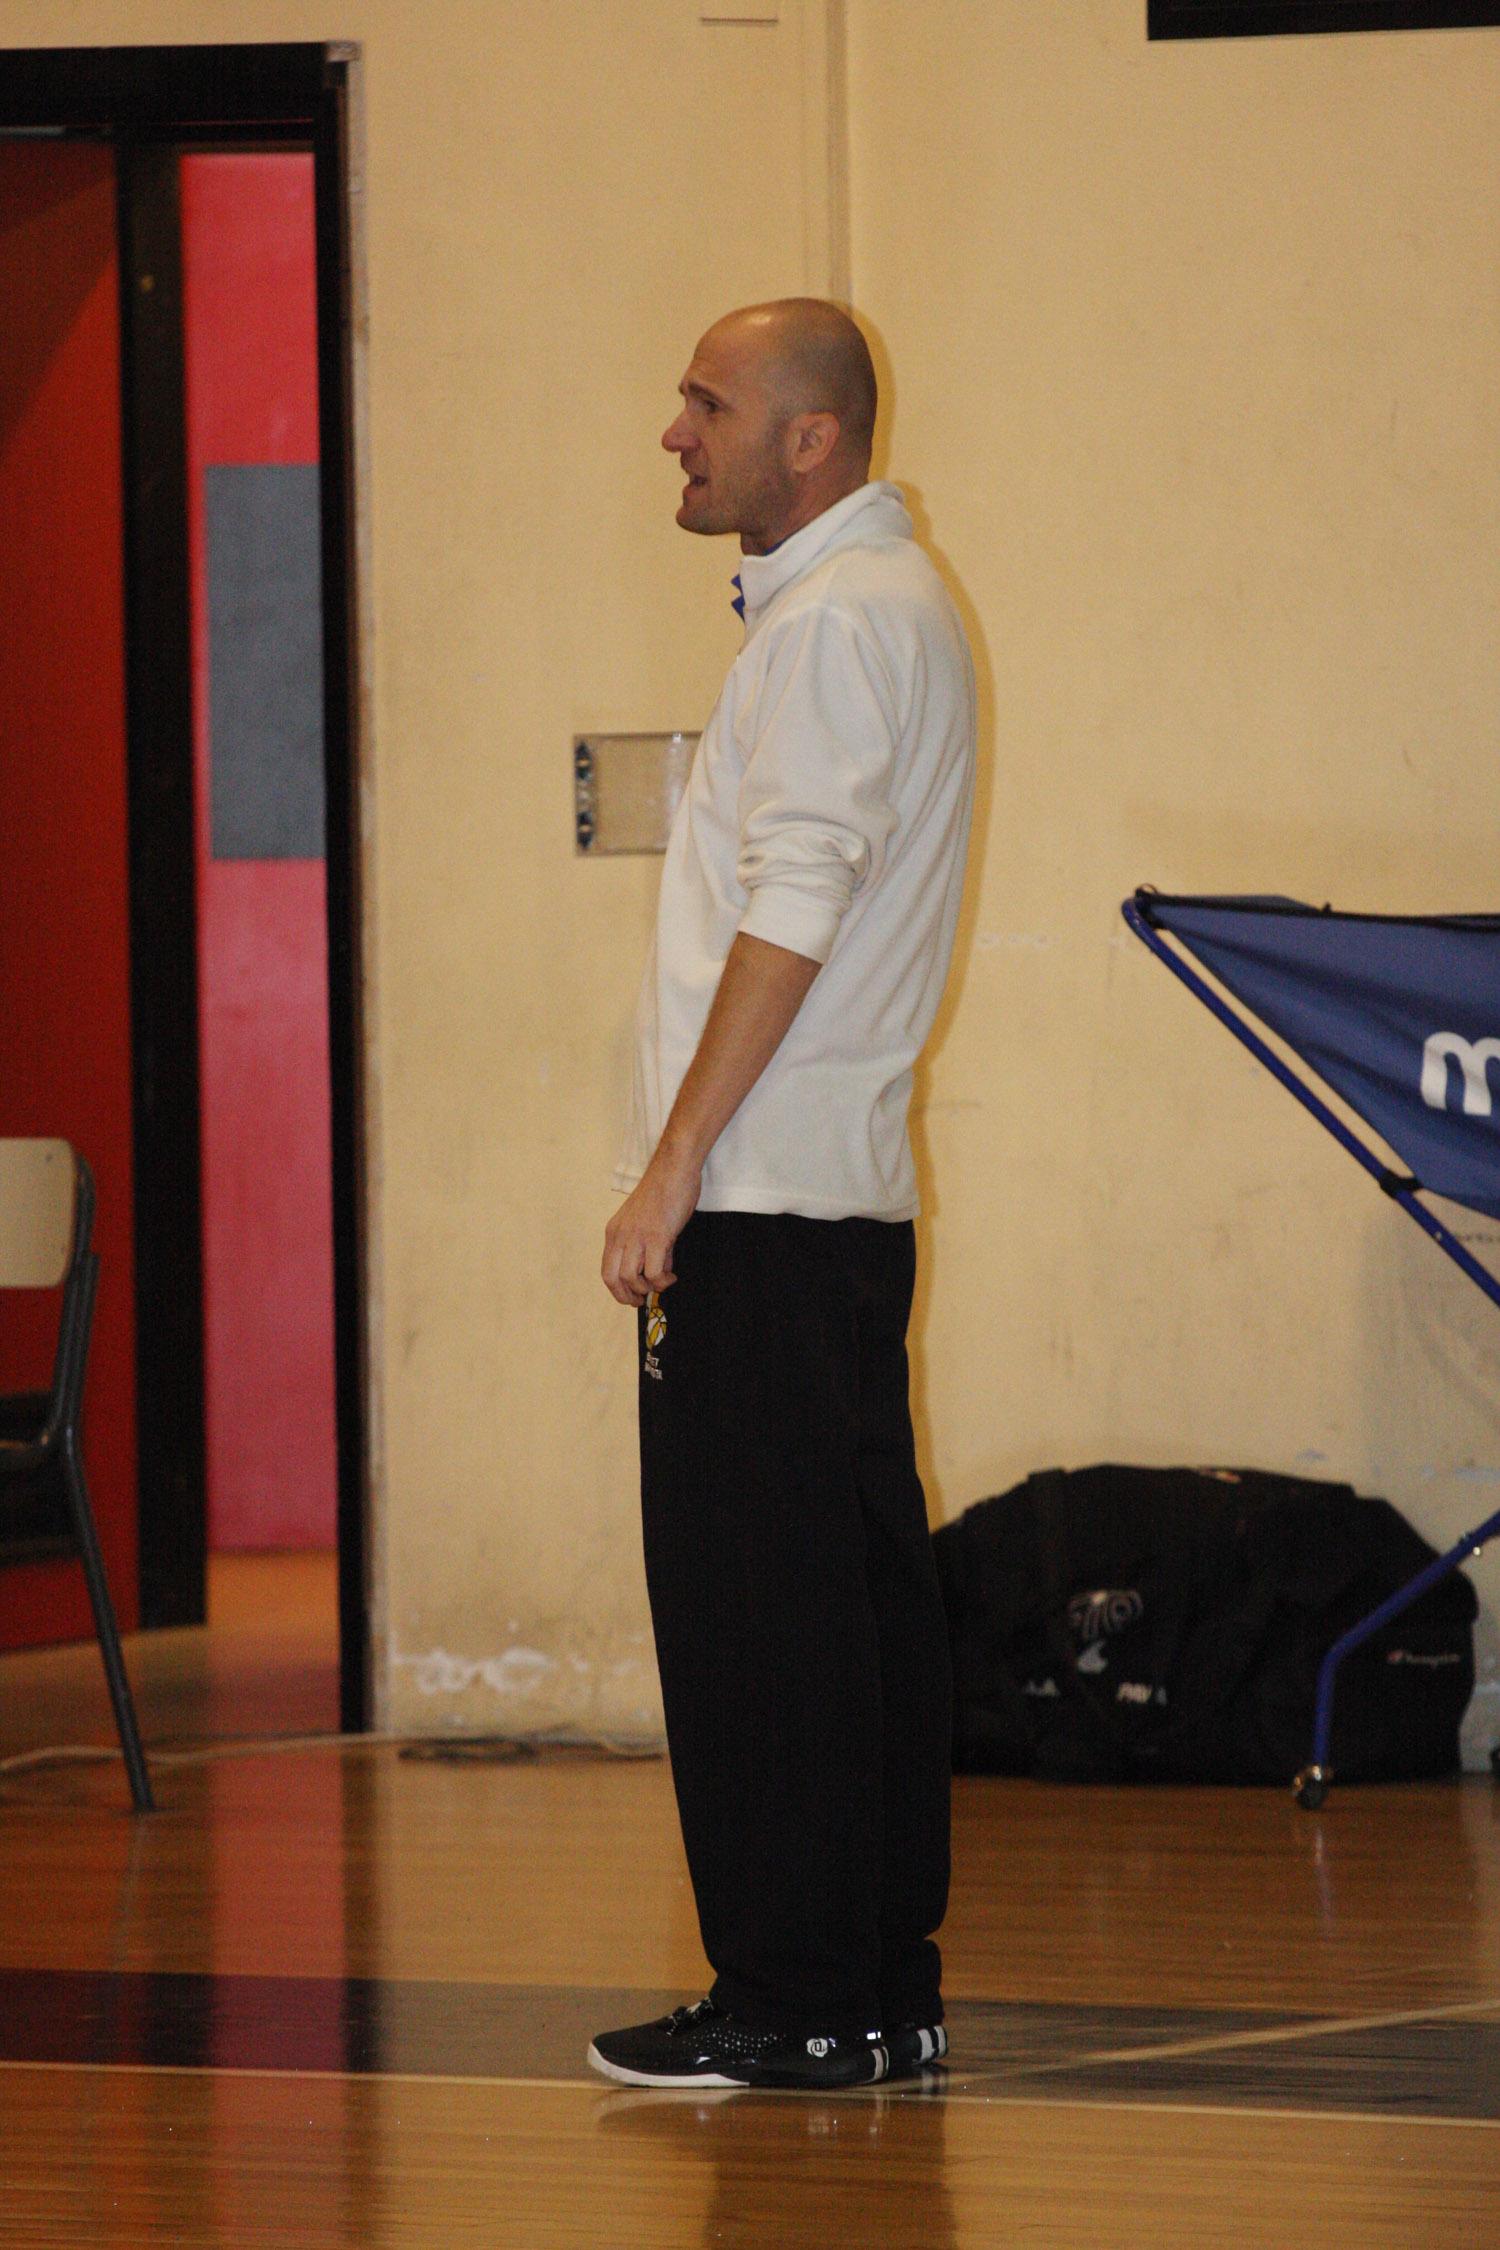 U13 - Baskettiamo Vittuone vs Carroccio Legnano 00020.jpg